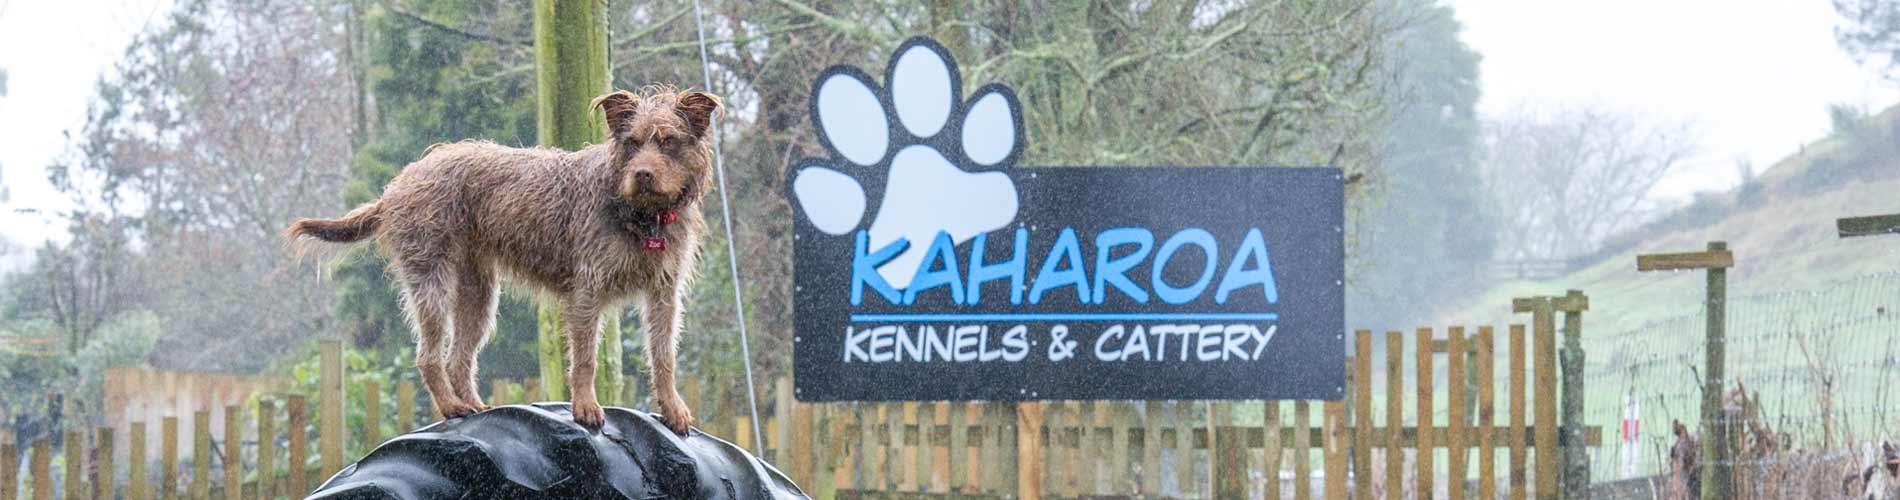 Dog Kennels - kaharoa kennels